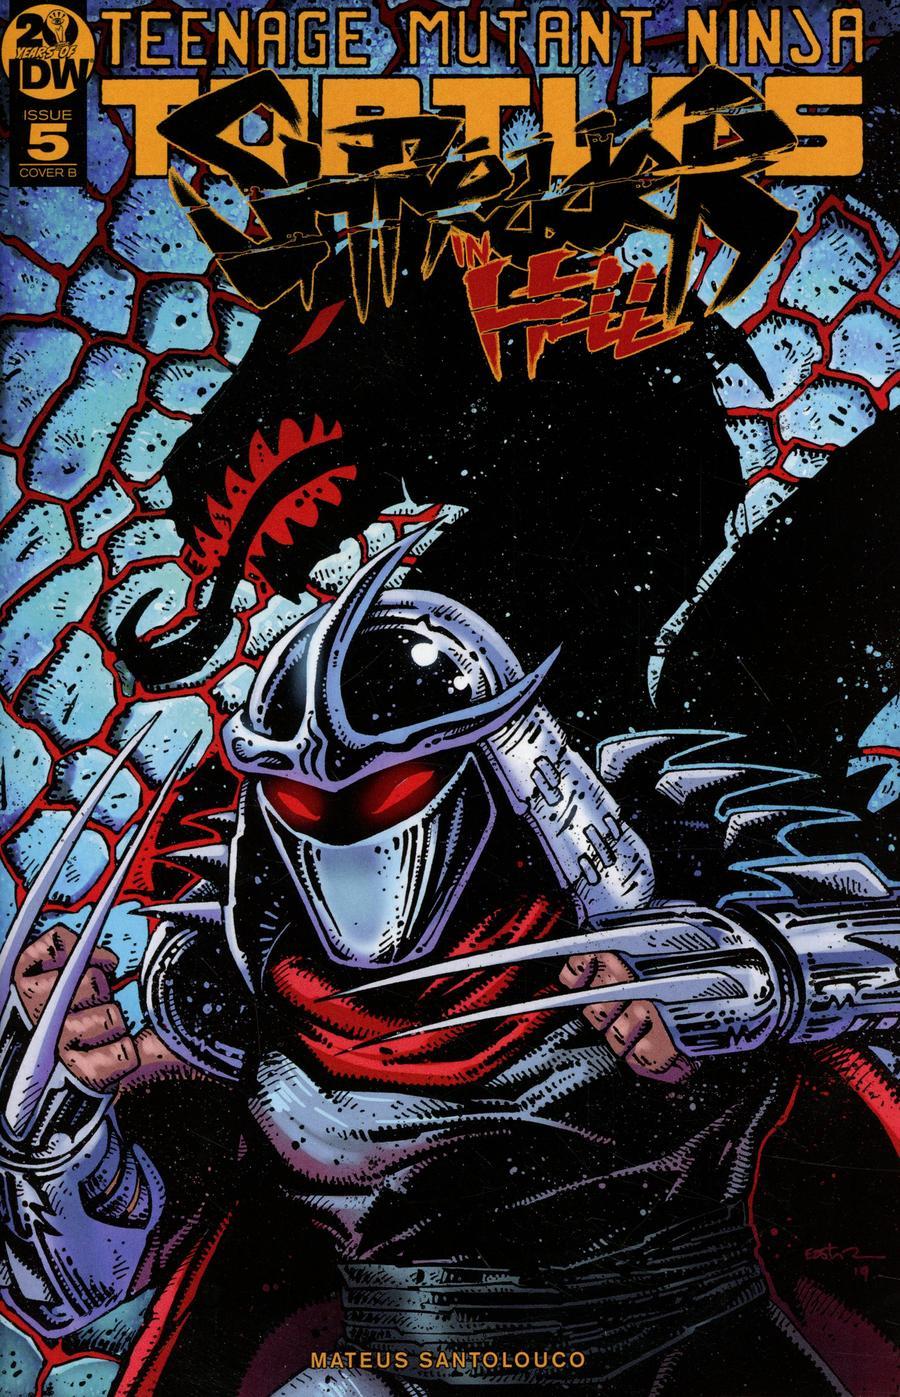 Teenage Mutant Ninja Turtles Shredder In Hell #5 Cover B Variant Kevin Eastman Cover